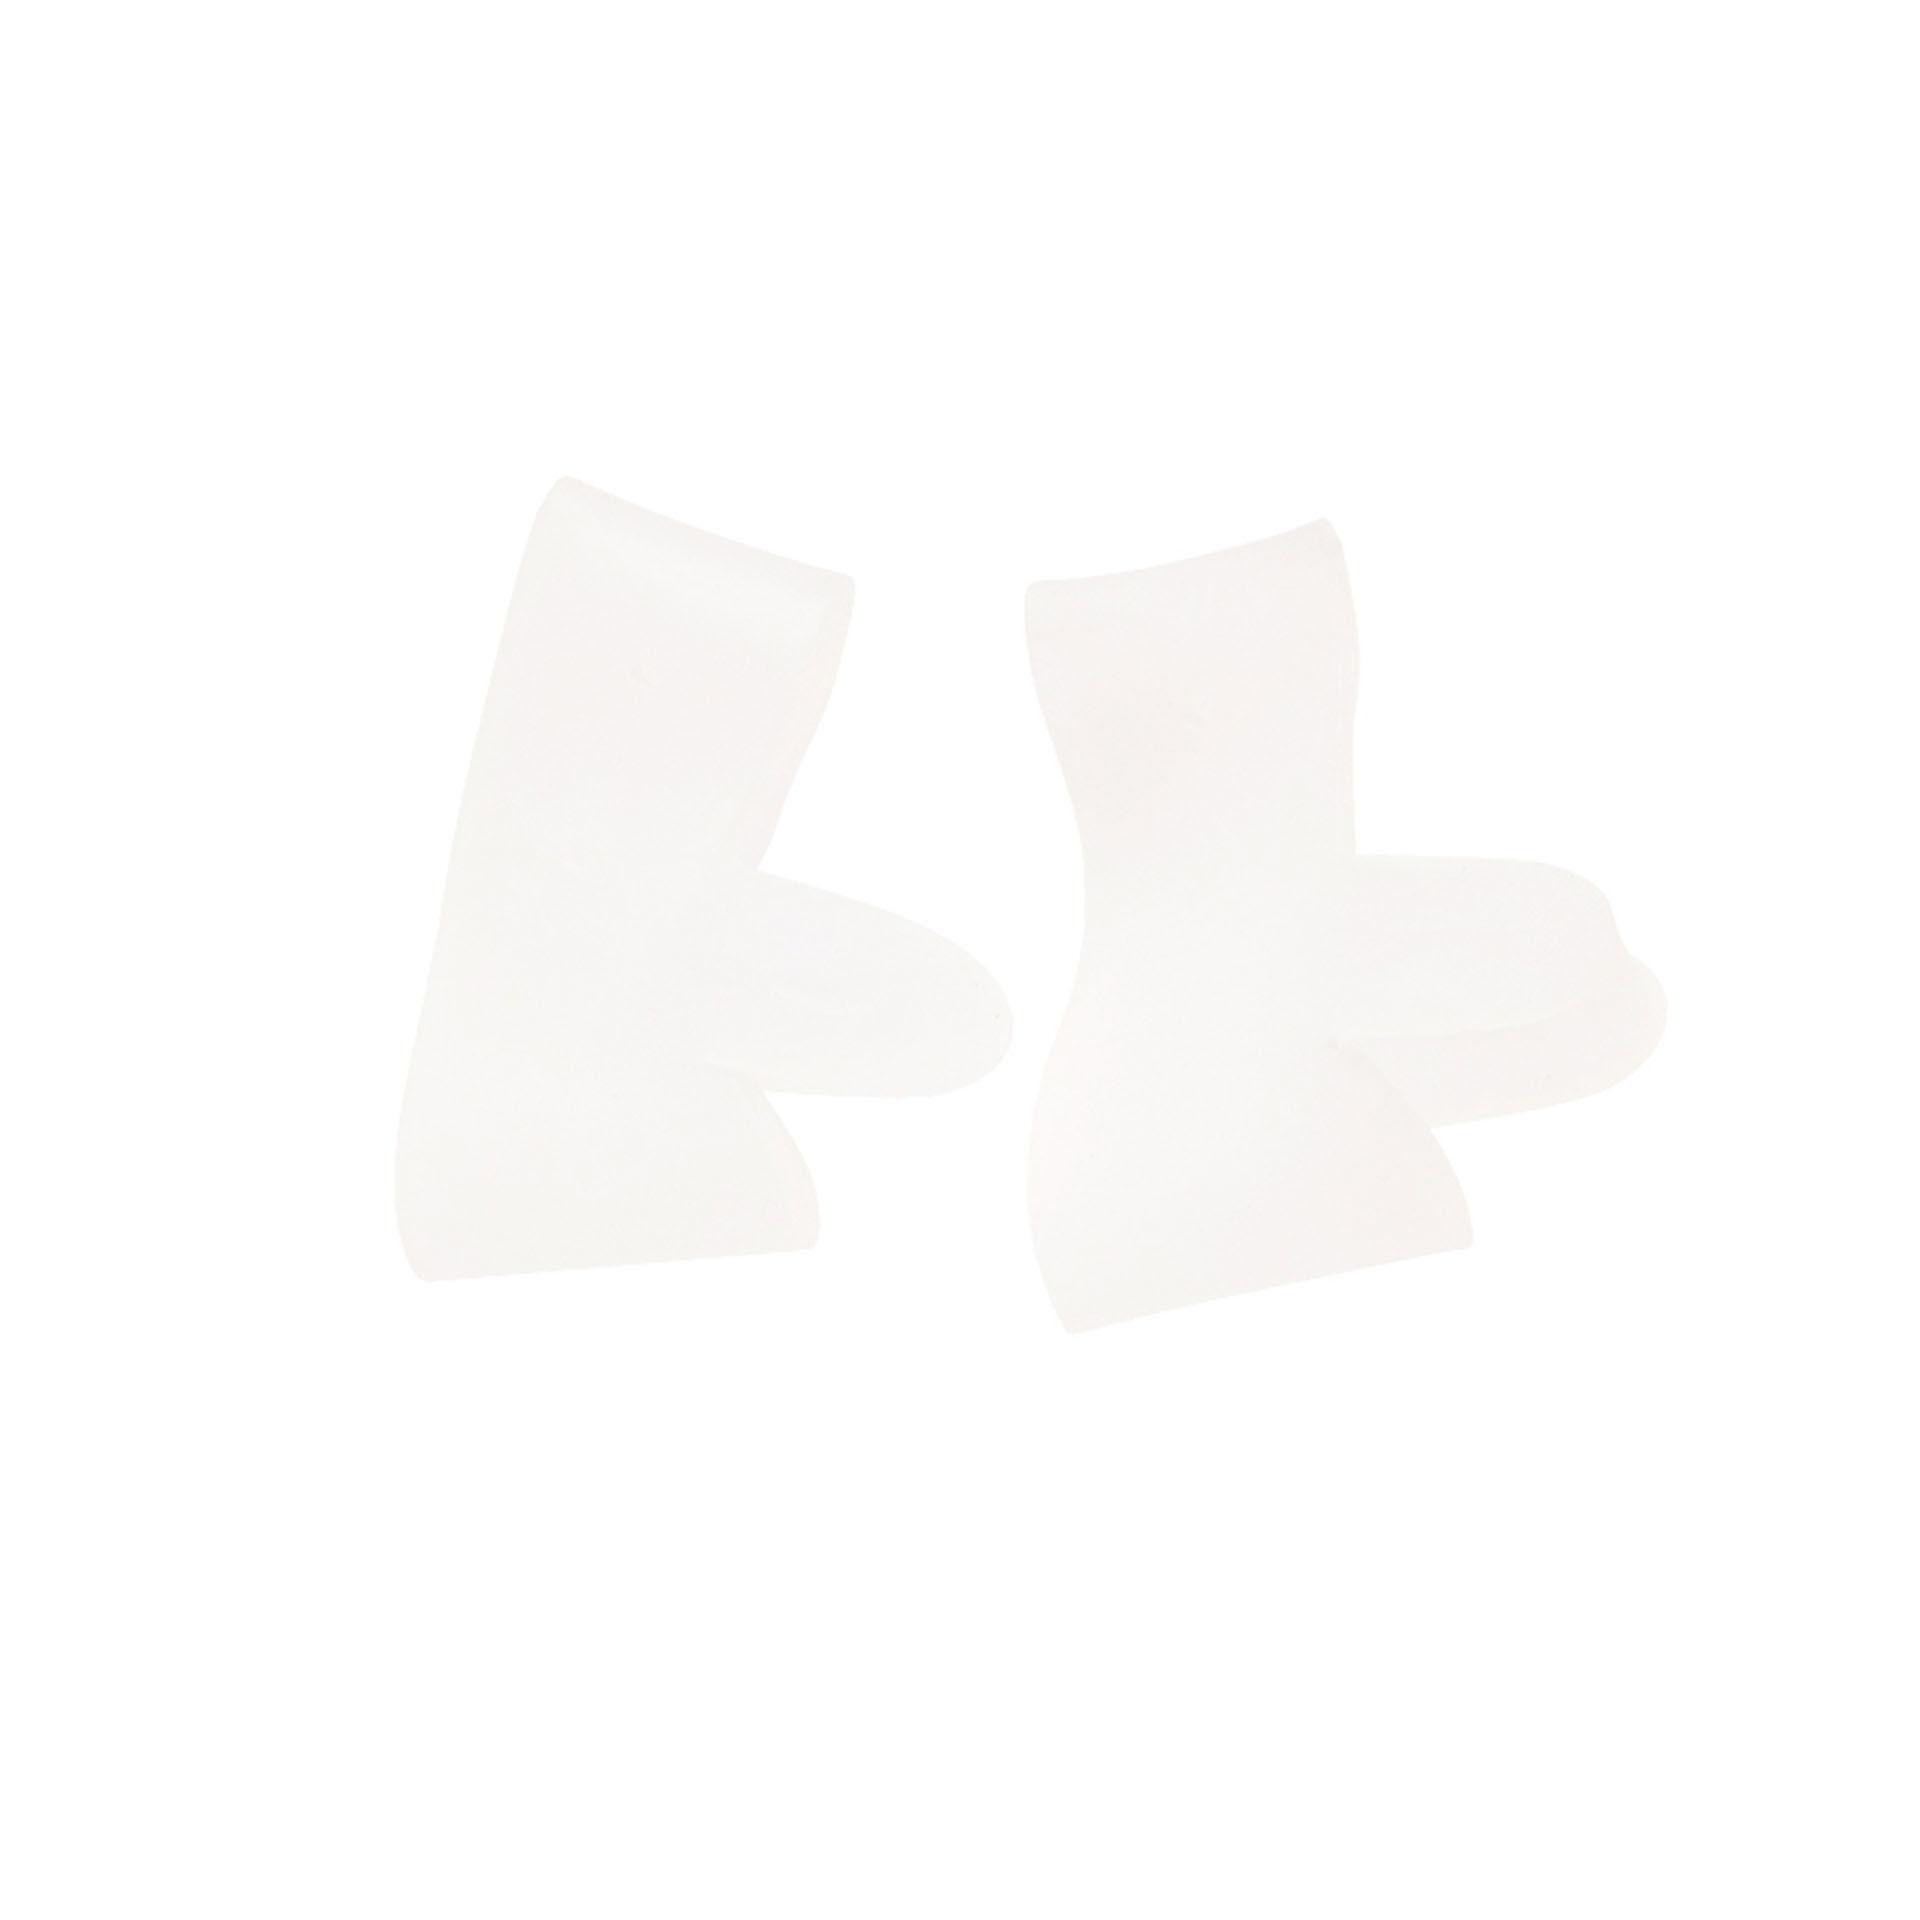 Séparateur d'orteils silicone, , large